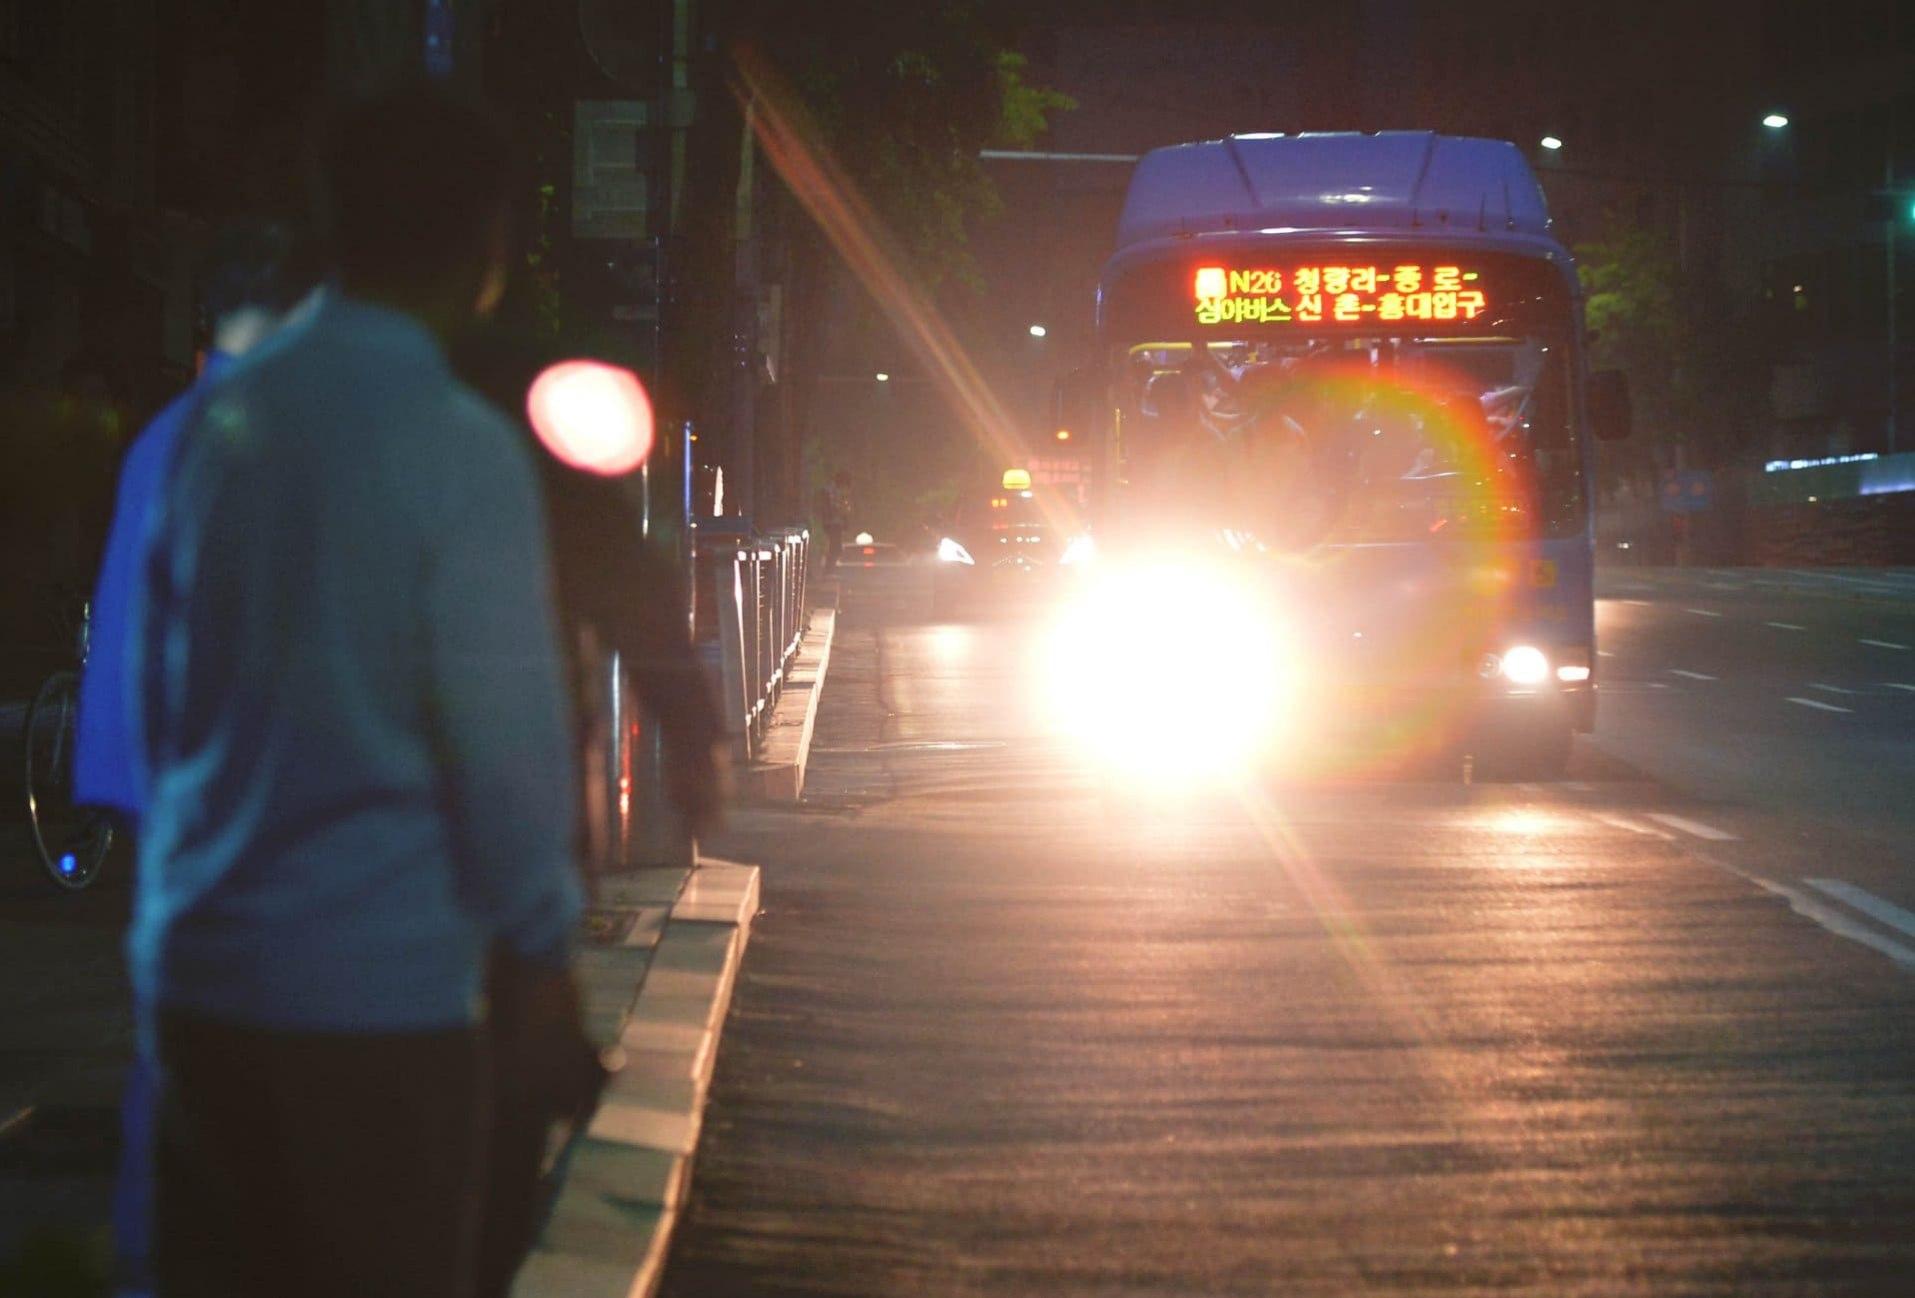 另外,在市中心的主要地區(東大門、鍾路、乙支路、首爾站等)營運的4條「貓頭鷹公車」(N13、N15、N16、N26),各路線都將多增加兩台公車運行。增加之後,原本圍繞著市中心的「貓頭鷹公車」的配車間隔將縮短,12/25聖誕節那天也照常運行。